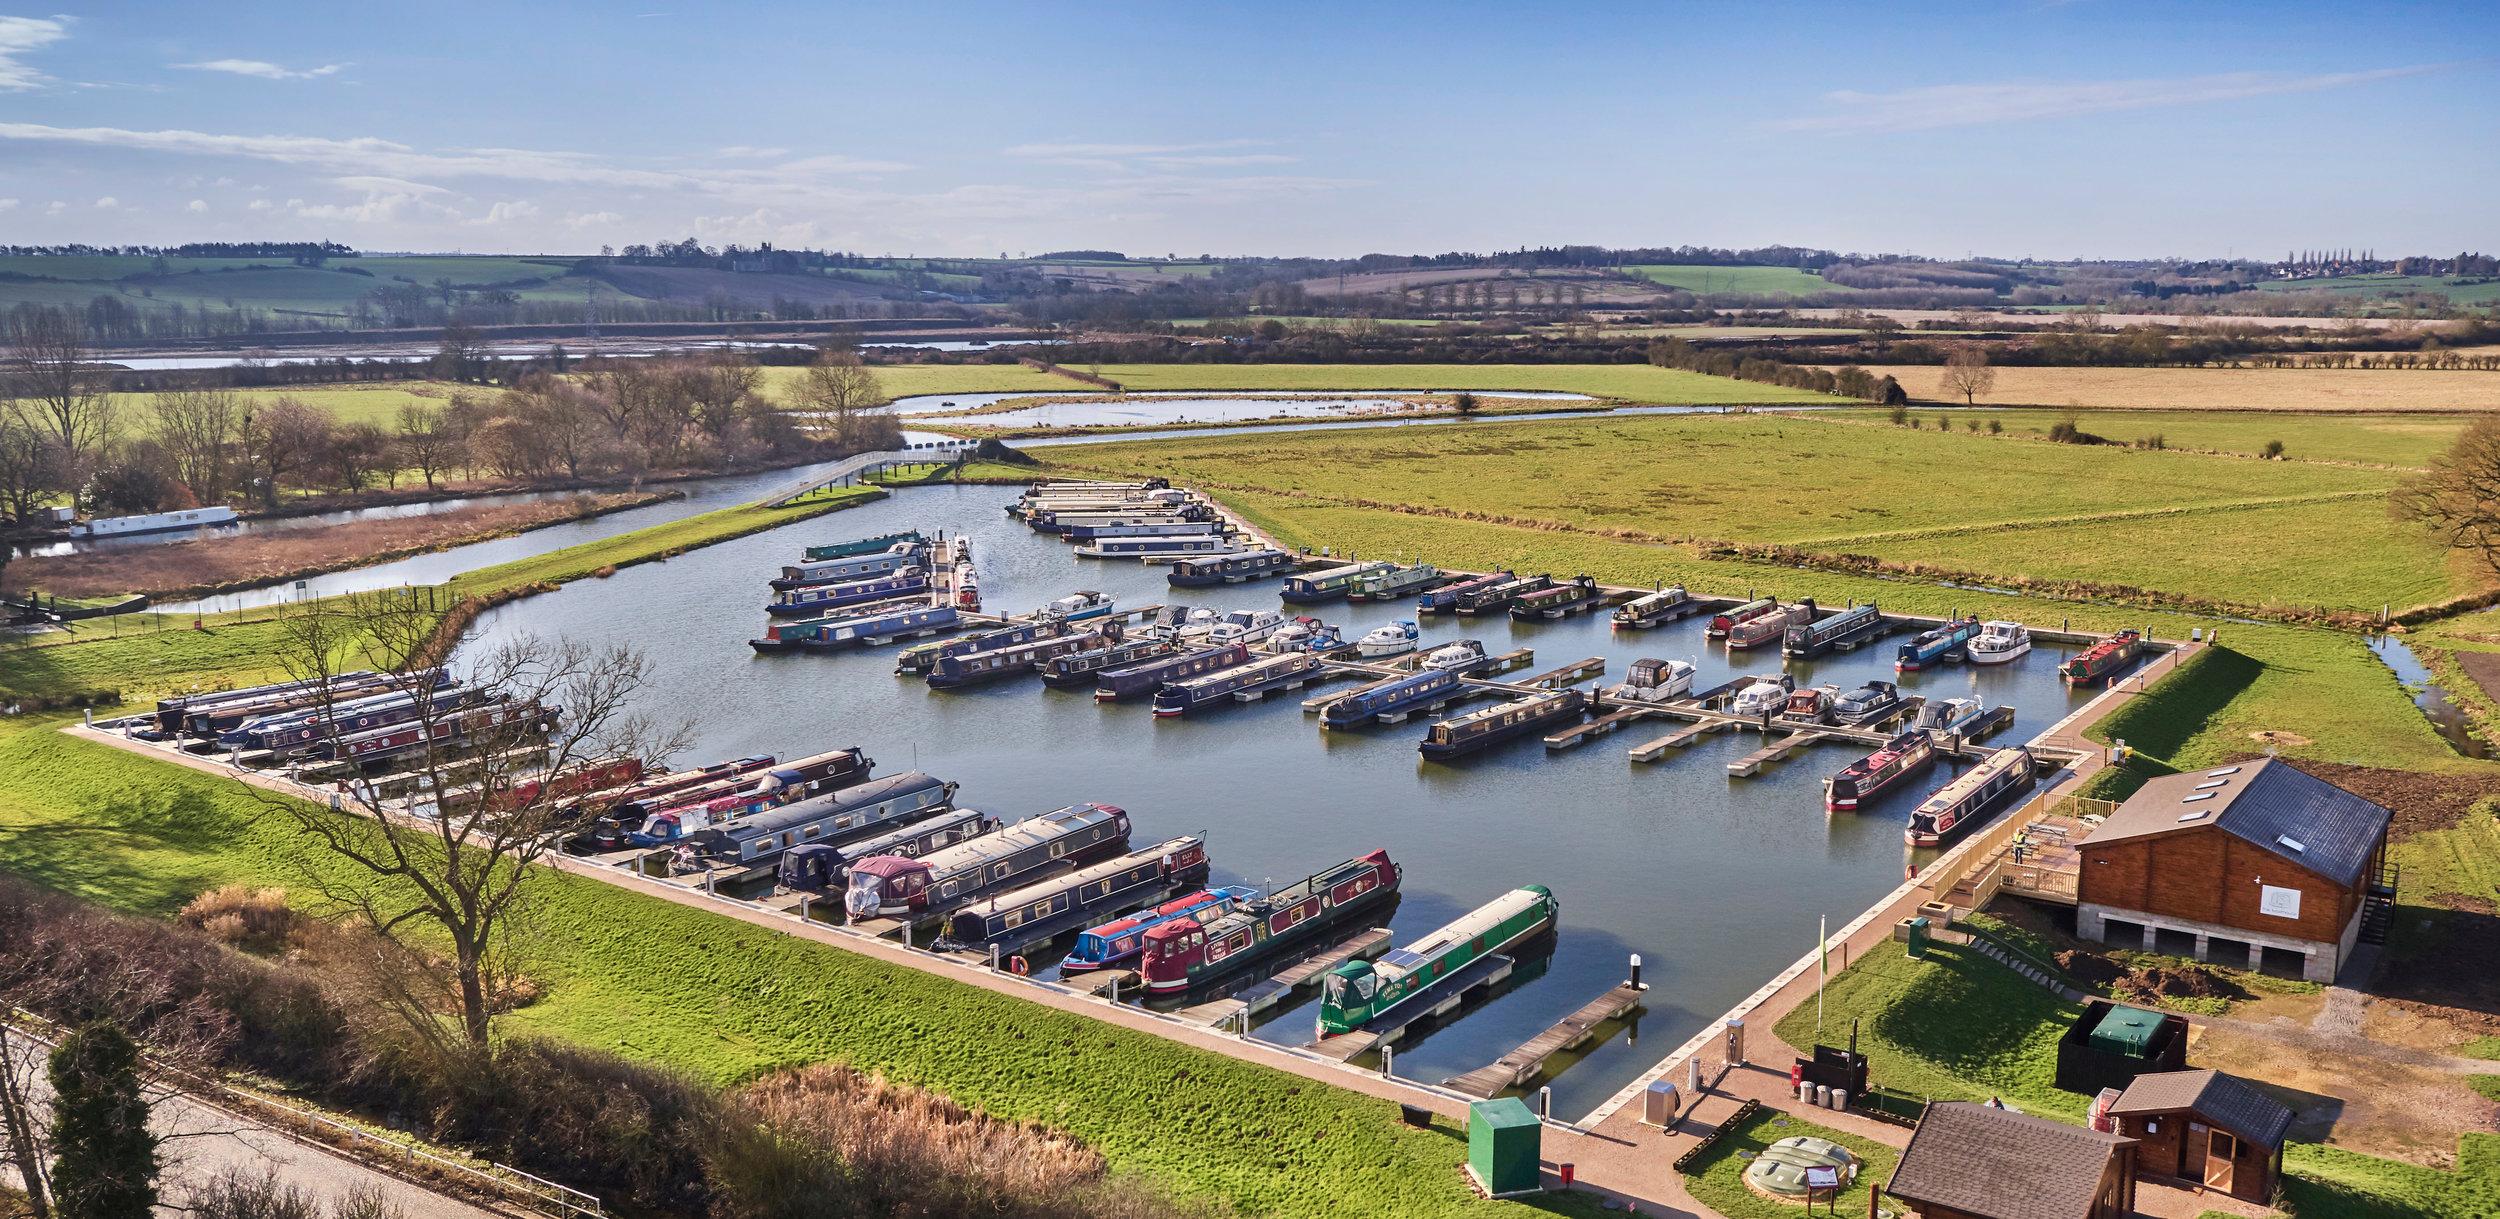 white_mills_marina_river_nene_earls_barton_narrowboats